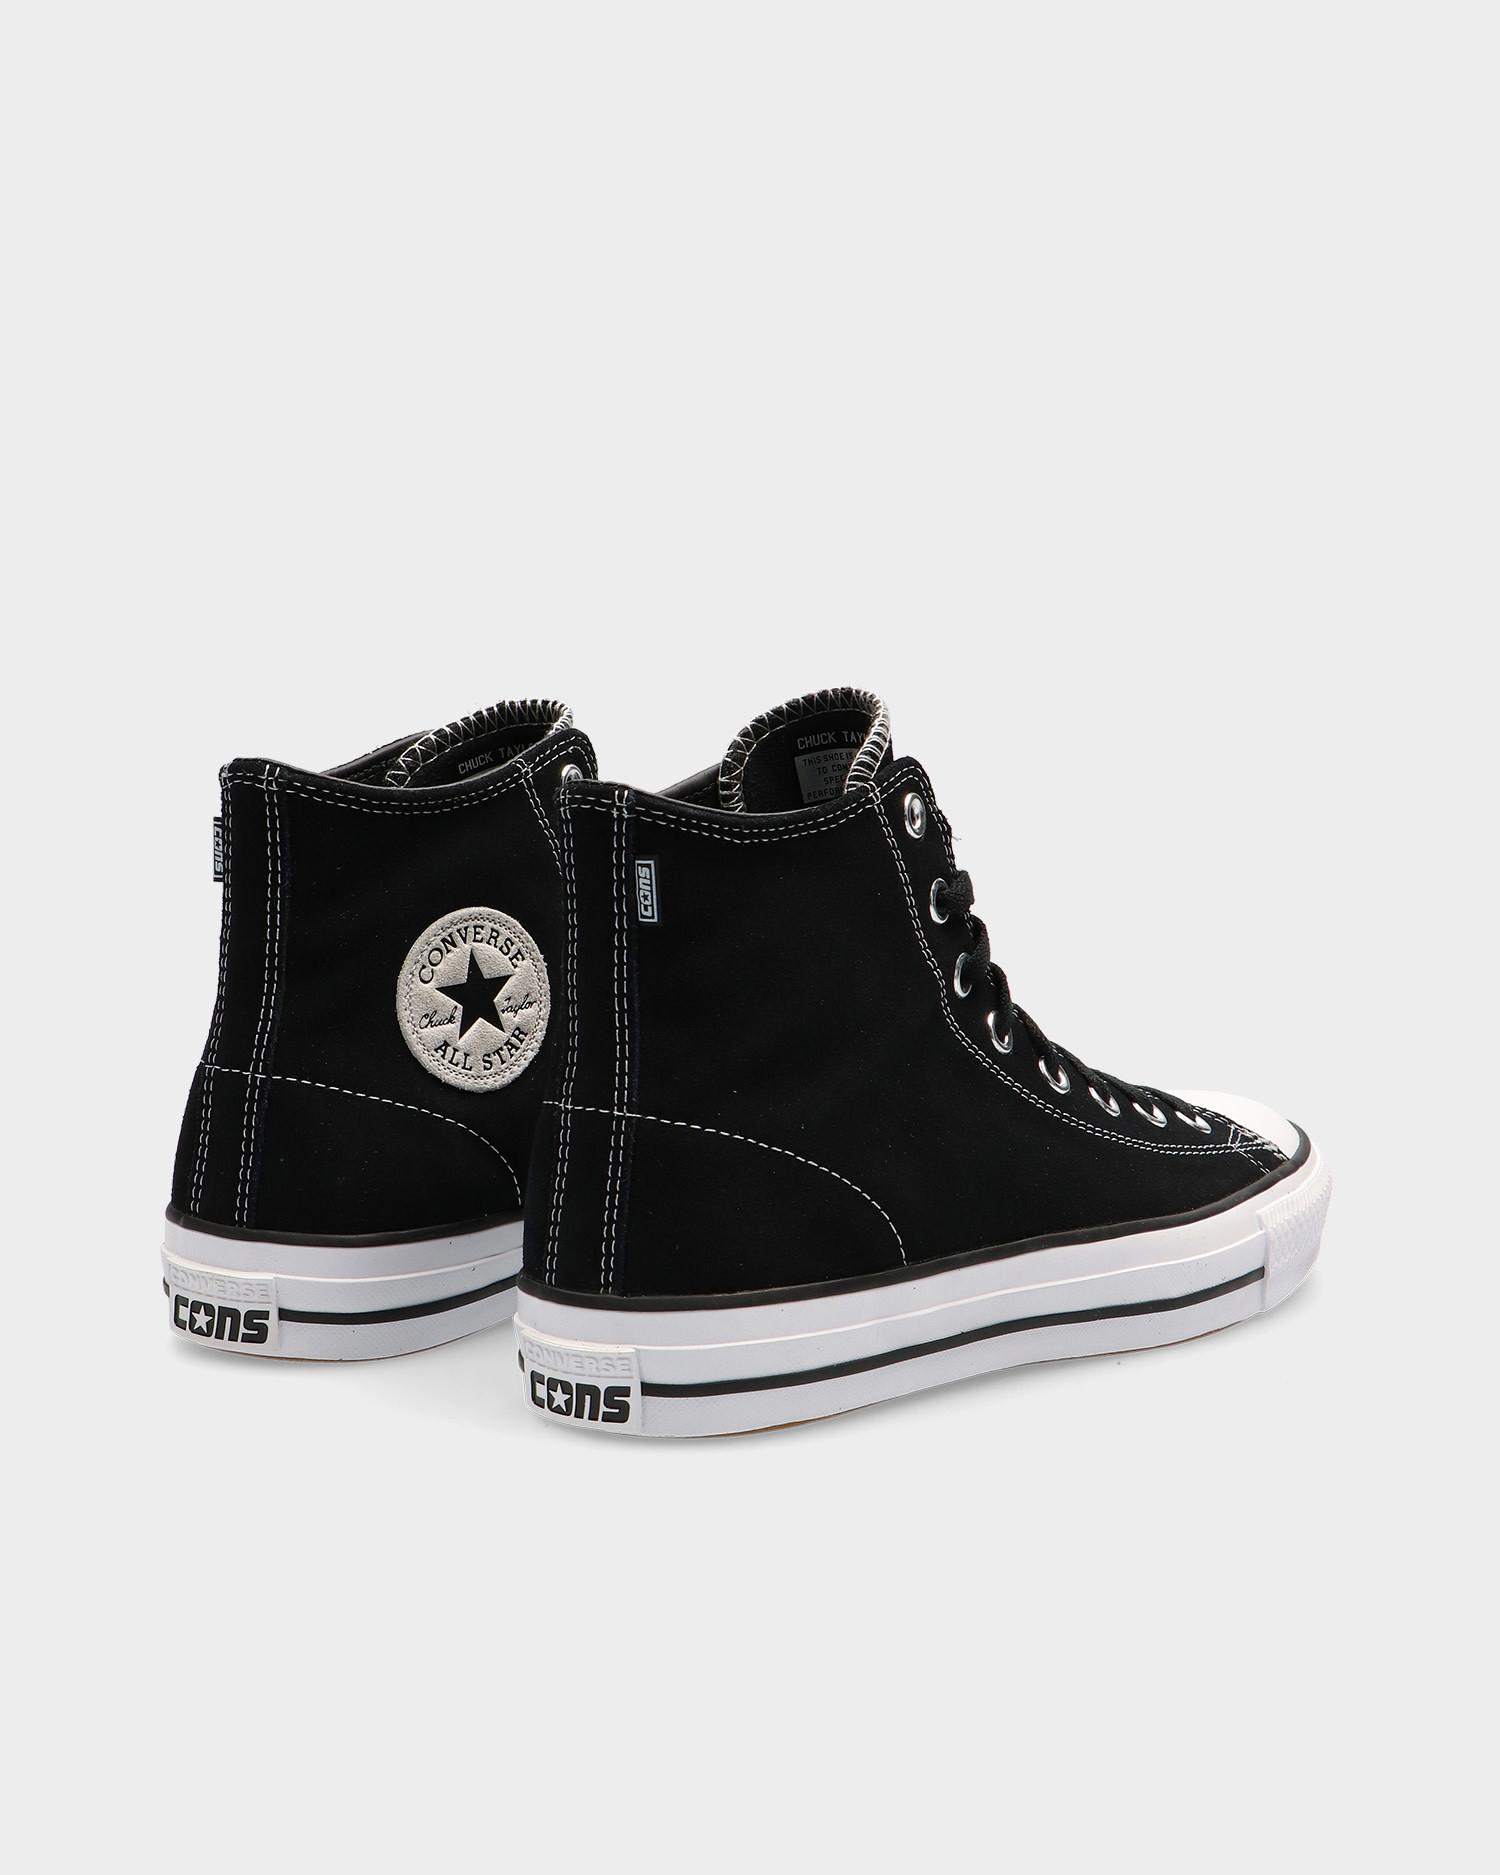 Converse Ctas Pro Hi Black/Black/White